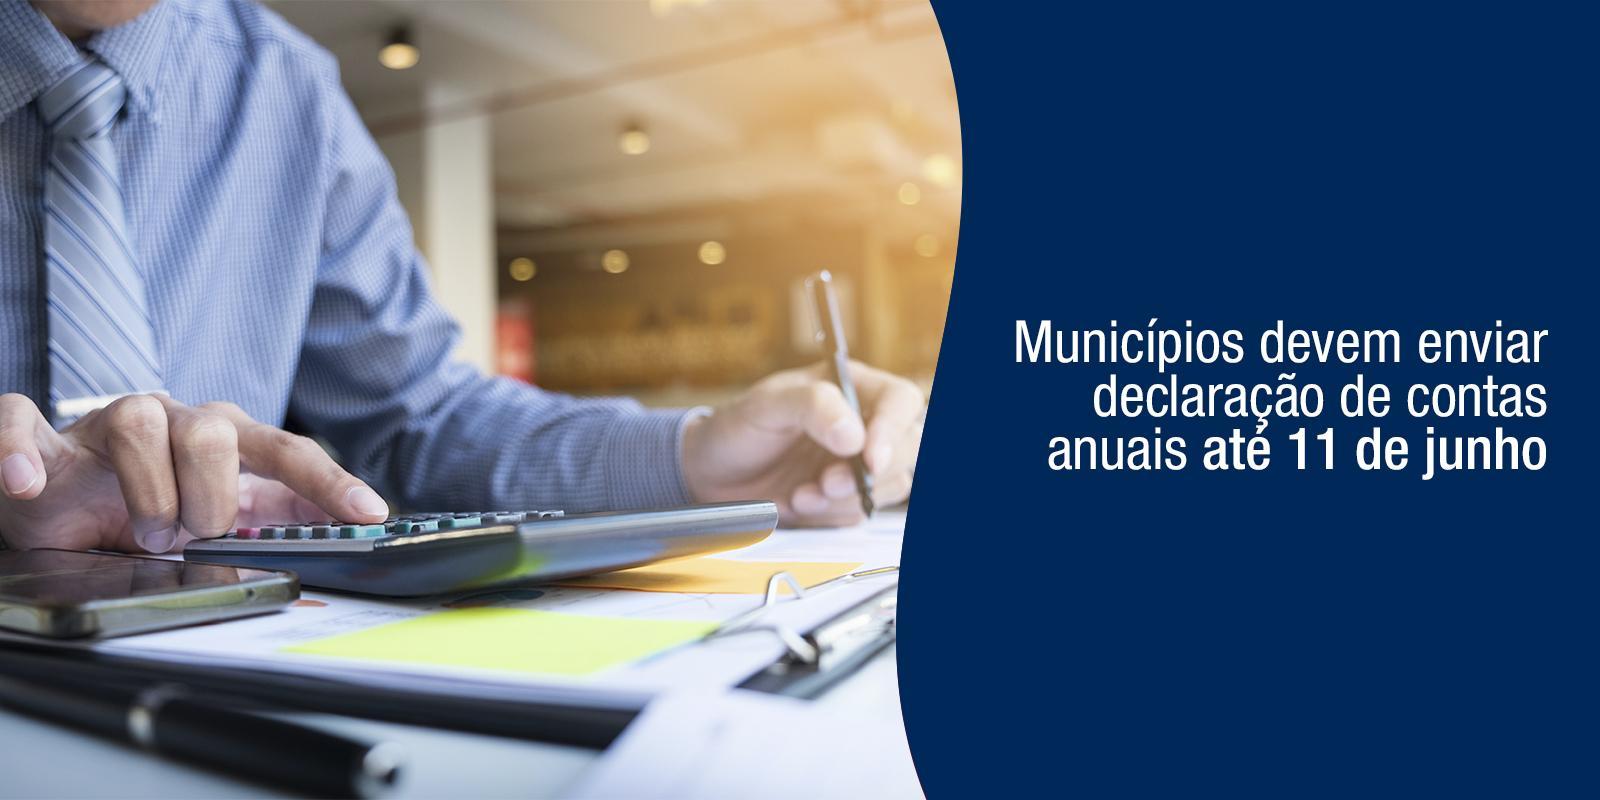 Municípios devem enviar declaração de contas anuais até 11 de junho